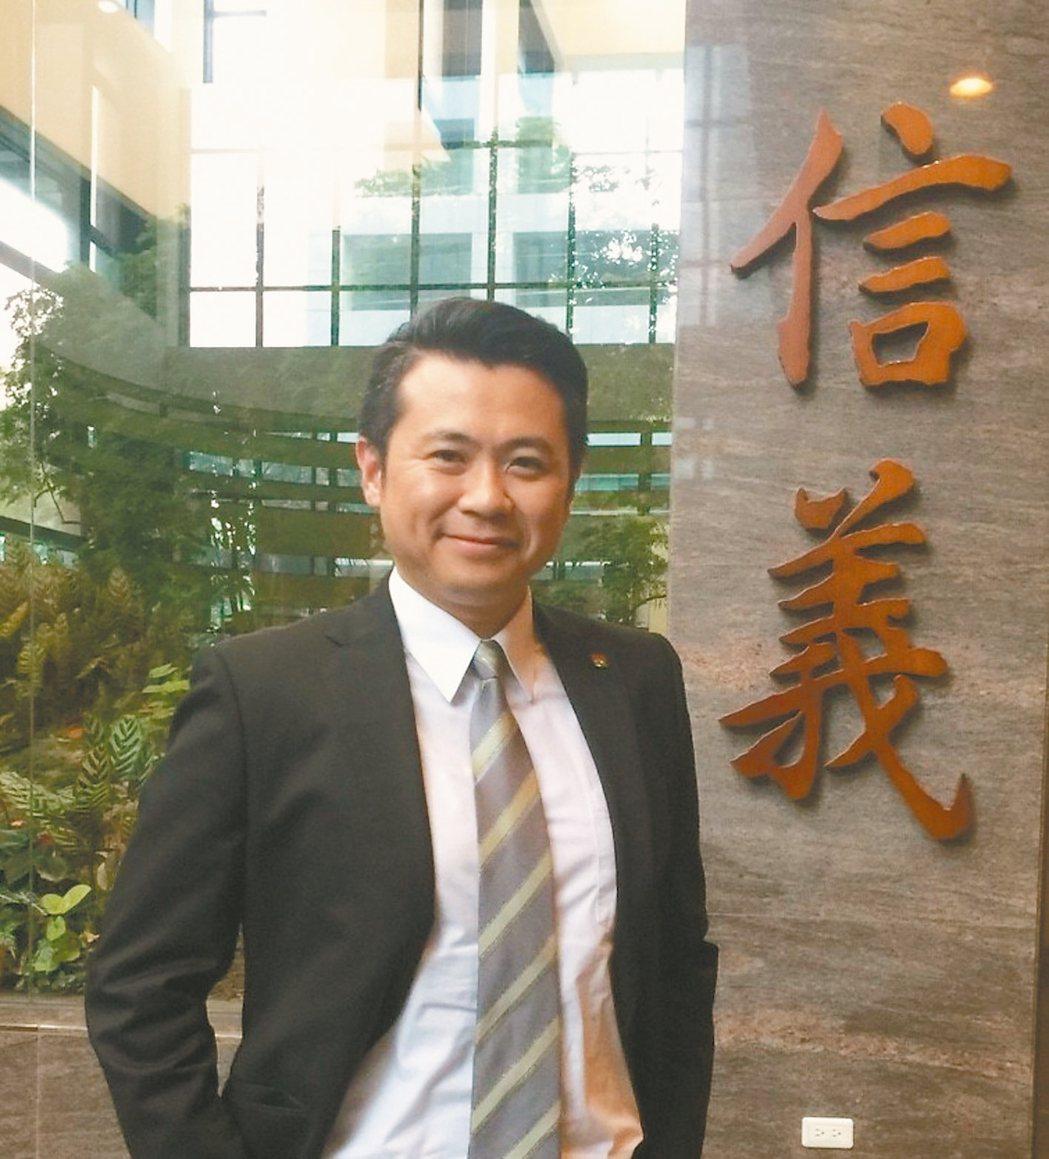 大馬信義總經理李杰峰